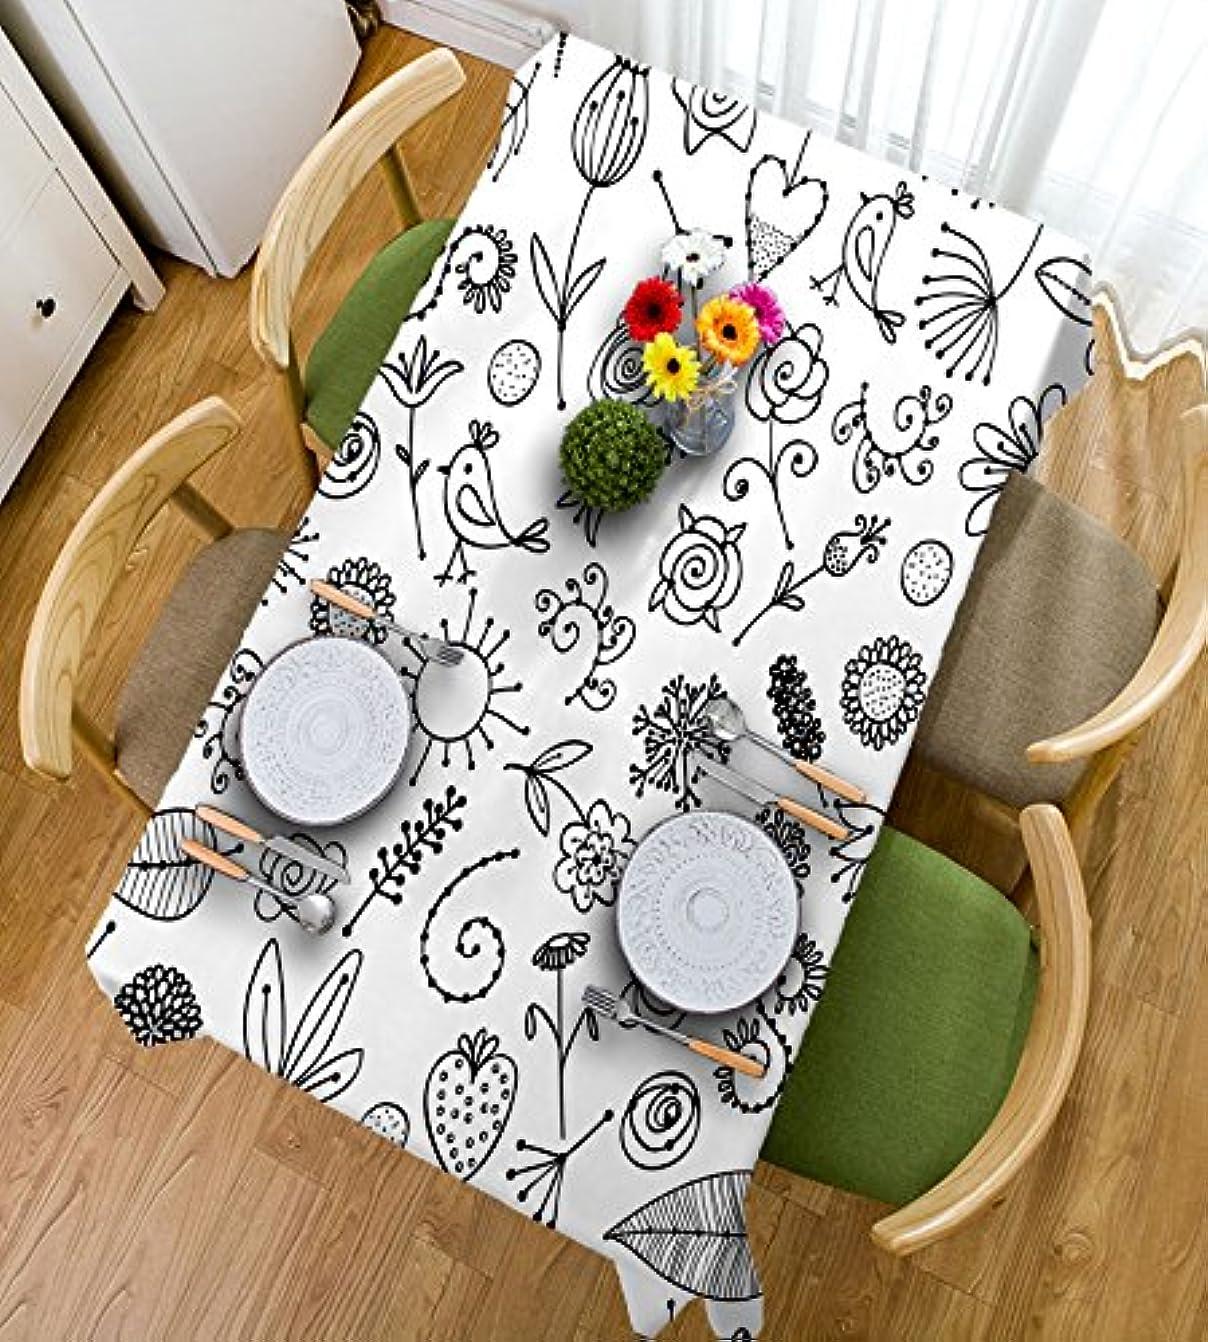 差別する極めて重要なブランデーZZLX 紙タオルホルダー、北欧の家庭用フラワーバスルーム防水ロールホルダー ロングハンドル風呂ブラシ